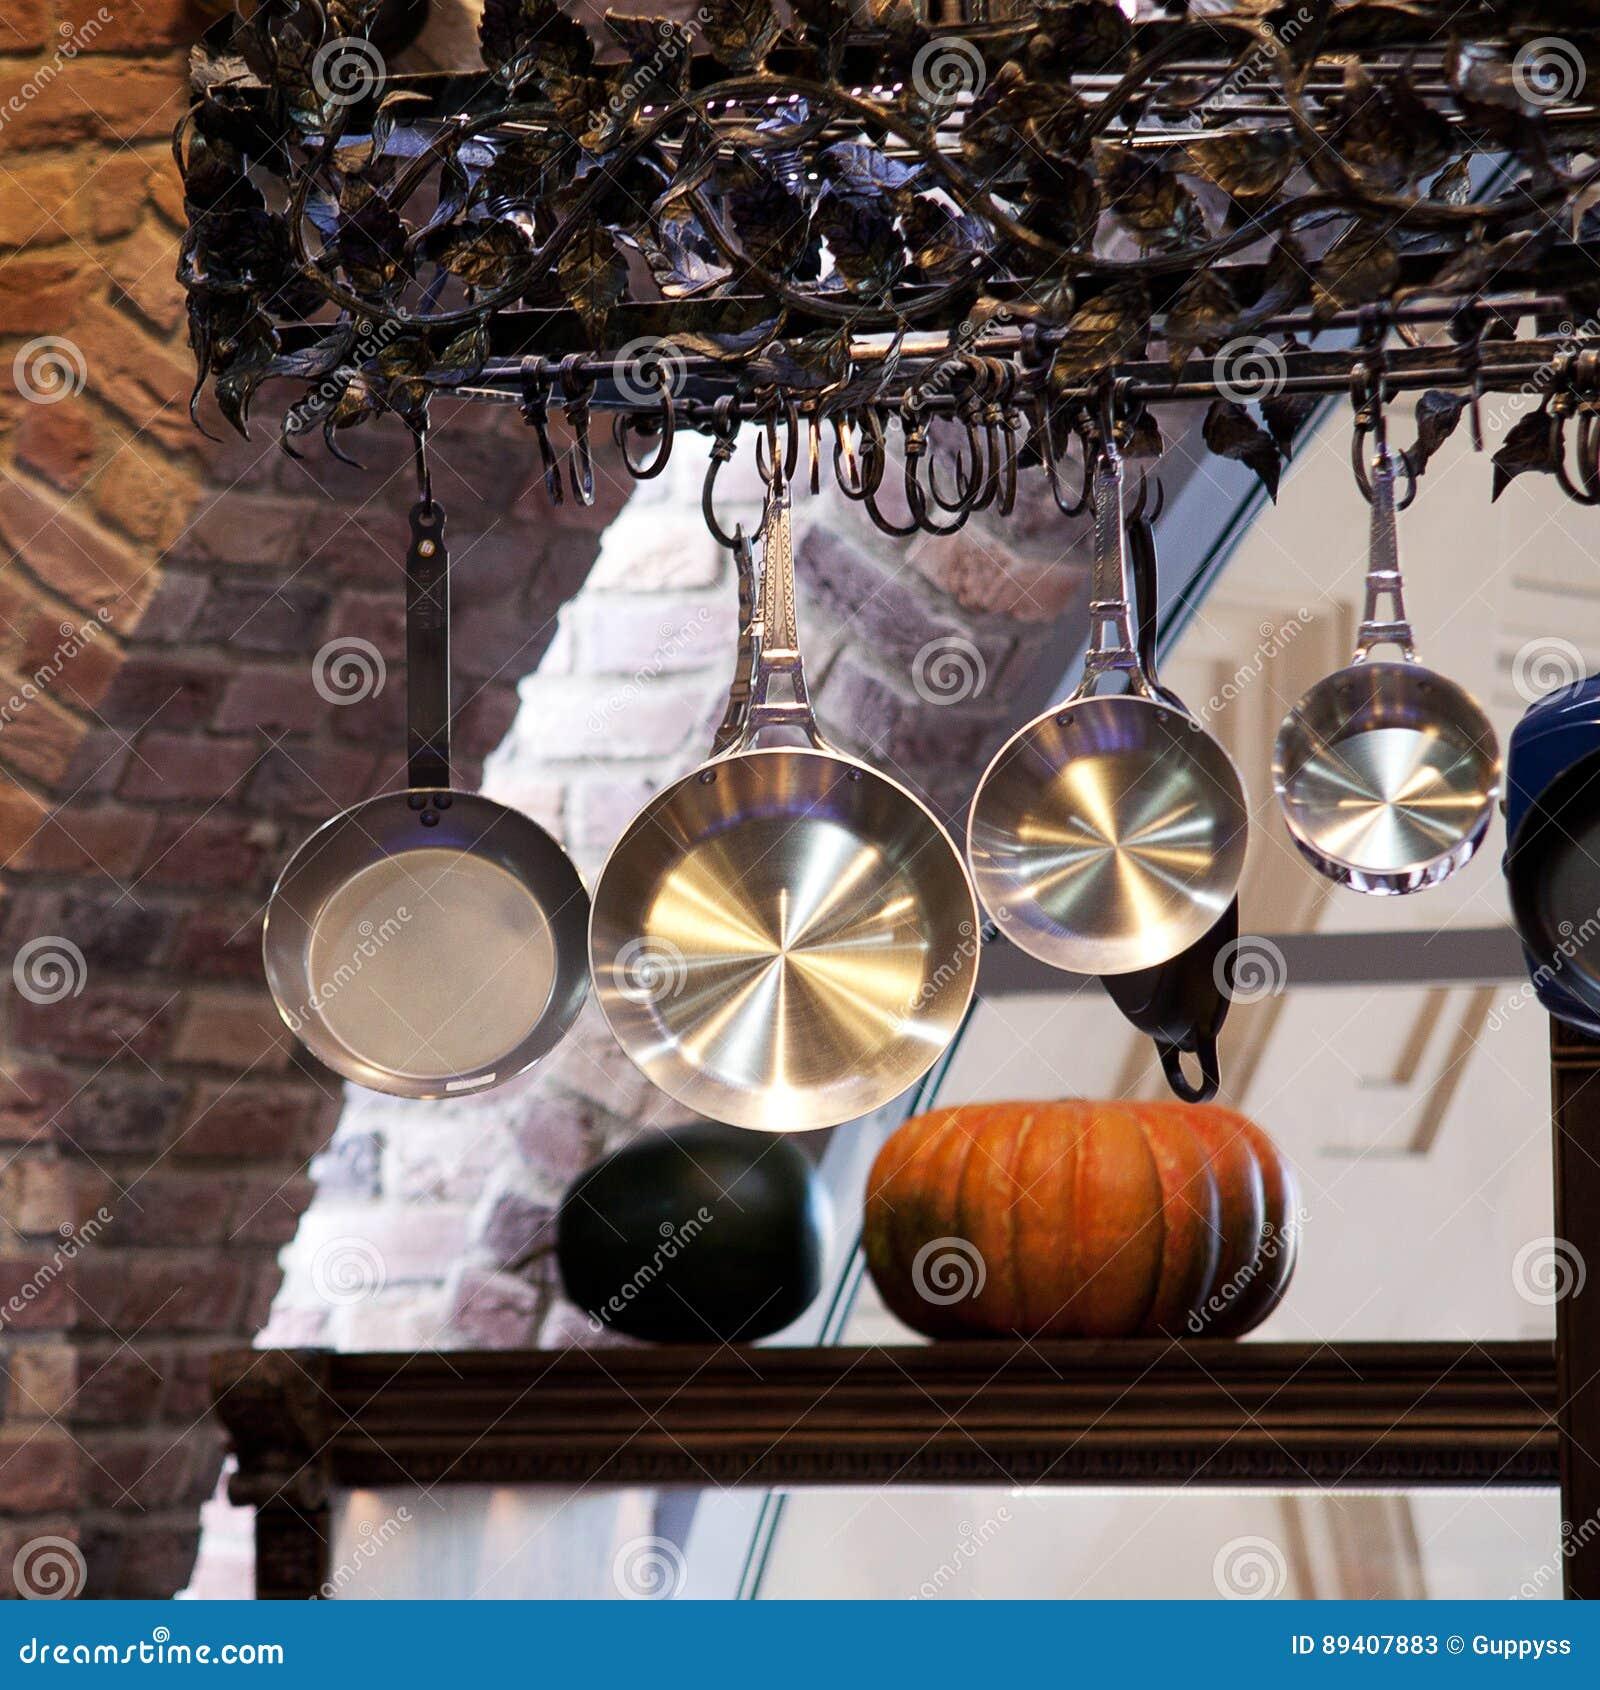 Moderne Kuchengerate In Einer Alten Kuche Stockbild Bild Von